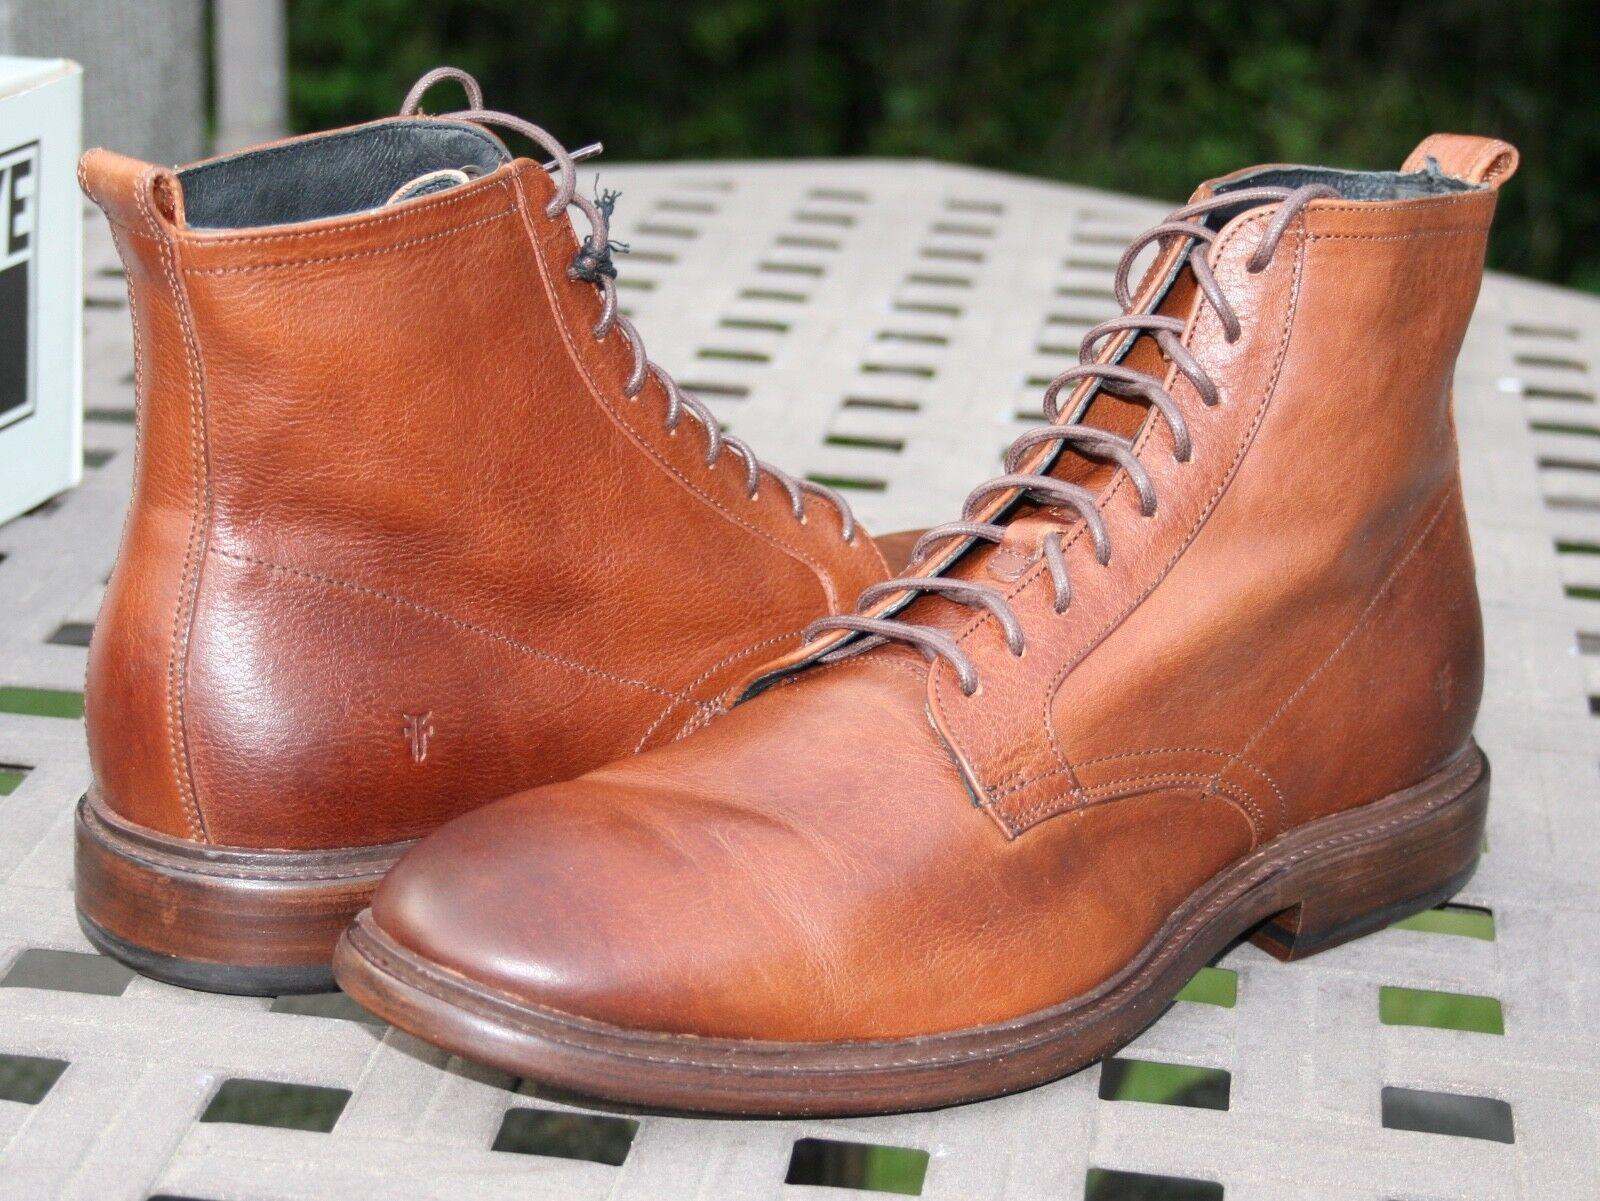 FRYE PATRICK LACE UP  SZ 9 Men's Leather shoes Copper